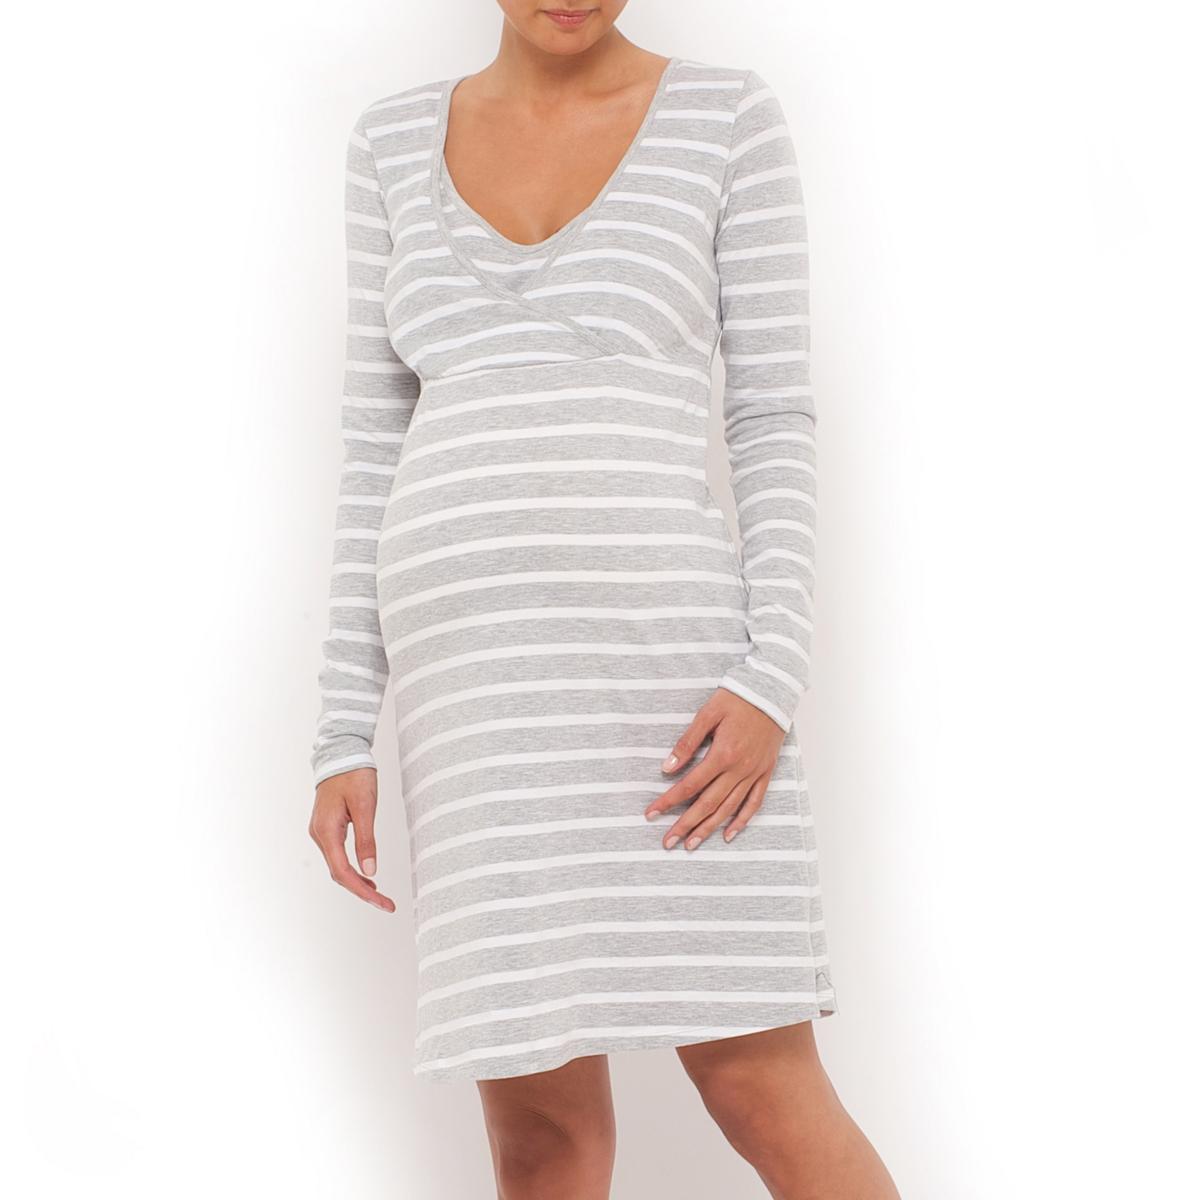 Рубашка ночная для беременных и кормящихНочная рубашка для периода беременности и кормления грудью, длинные рукава, V-образный вырез с запахом и закругленной вставкой. Эластичная вставка под линией груди. Разрезы по бокам. Длина ок.90 см. Ночная рубашка для беременных и кормящих. Джерси 95% хлопка, 5% эластана. Машинная стирка. Знак Oeko-Tex*.      *Международный лейбл Oeko-Tex® дает гарантию того, что изделия изготовлены без применения вредных и раздражающих кожу веществ.<br><br>Цвет: серый/белый в полоску<br>Размер: 42/44 (FR) - 48/50 (RUS)